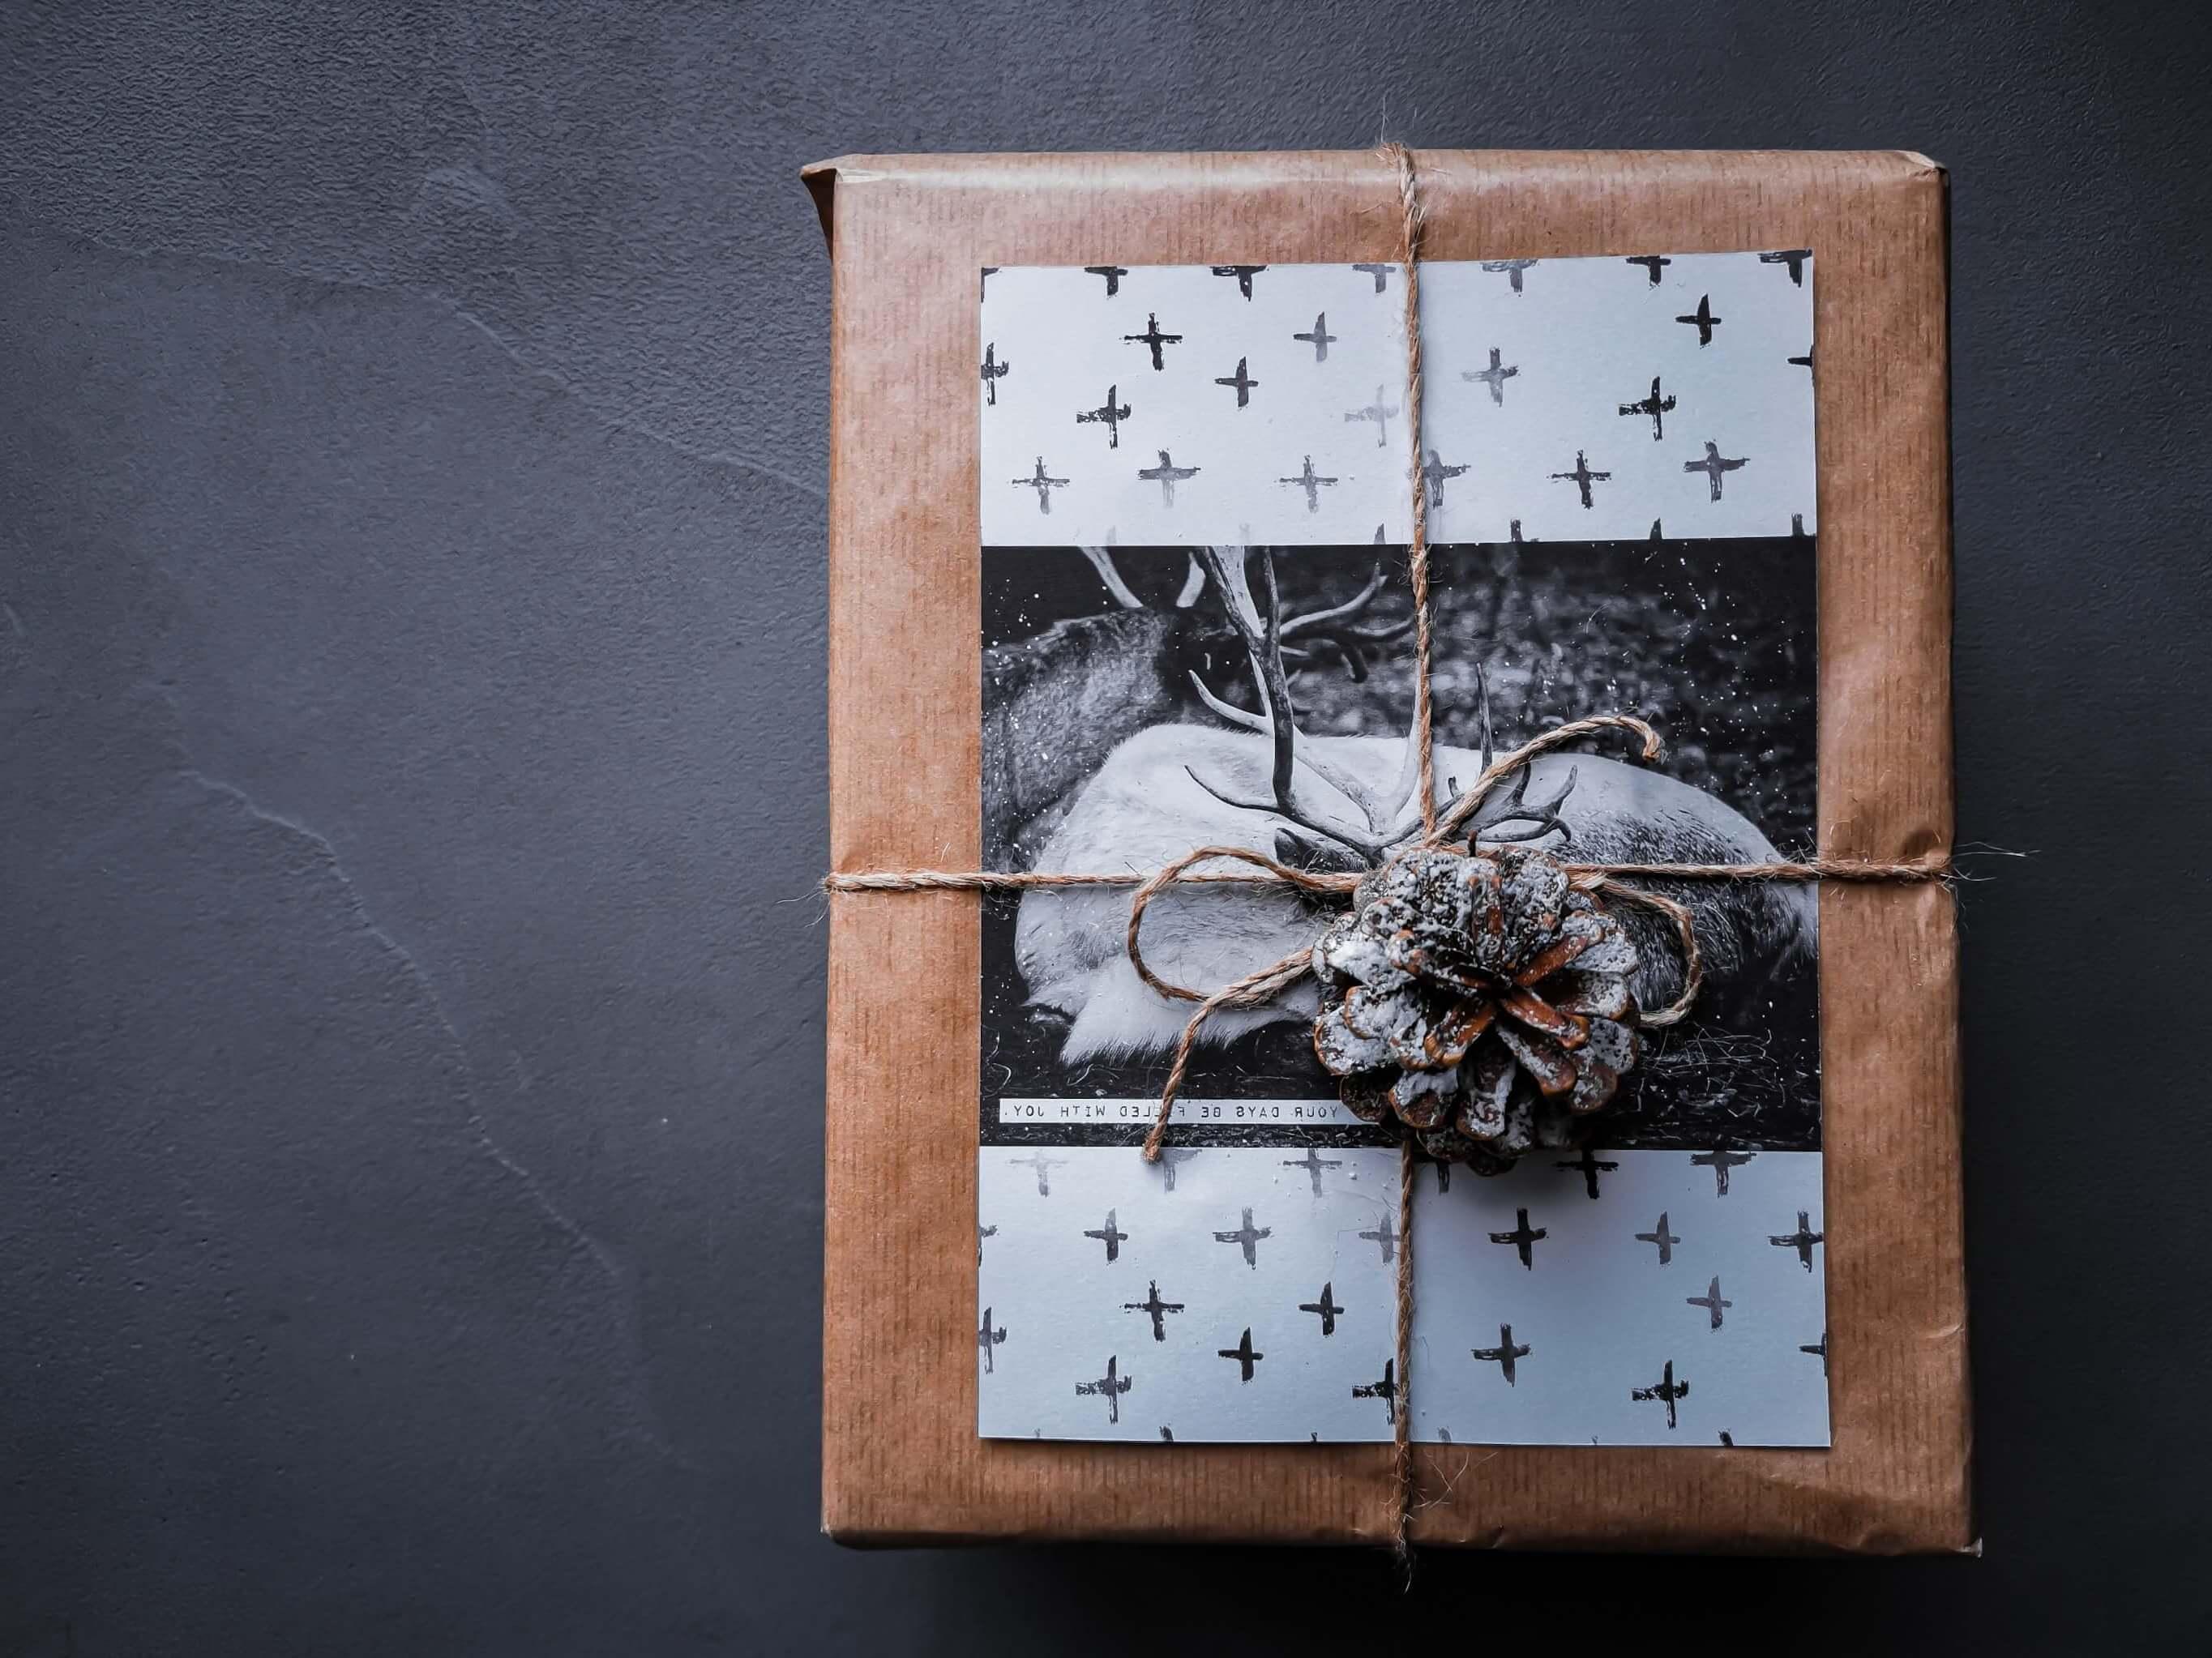 IMG 20191207 112206 resized 20191208 060252627 e1576006533572 - 11 tipov ako zabaliť vianočné darčeky originálne a kreatívne